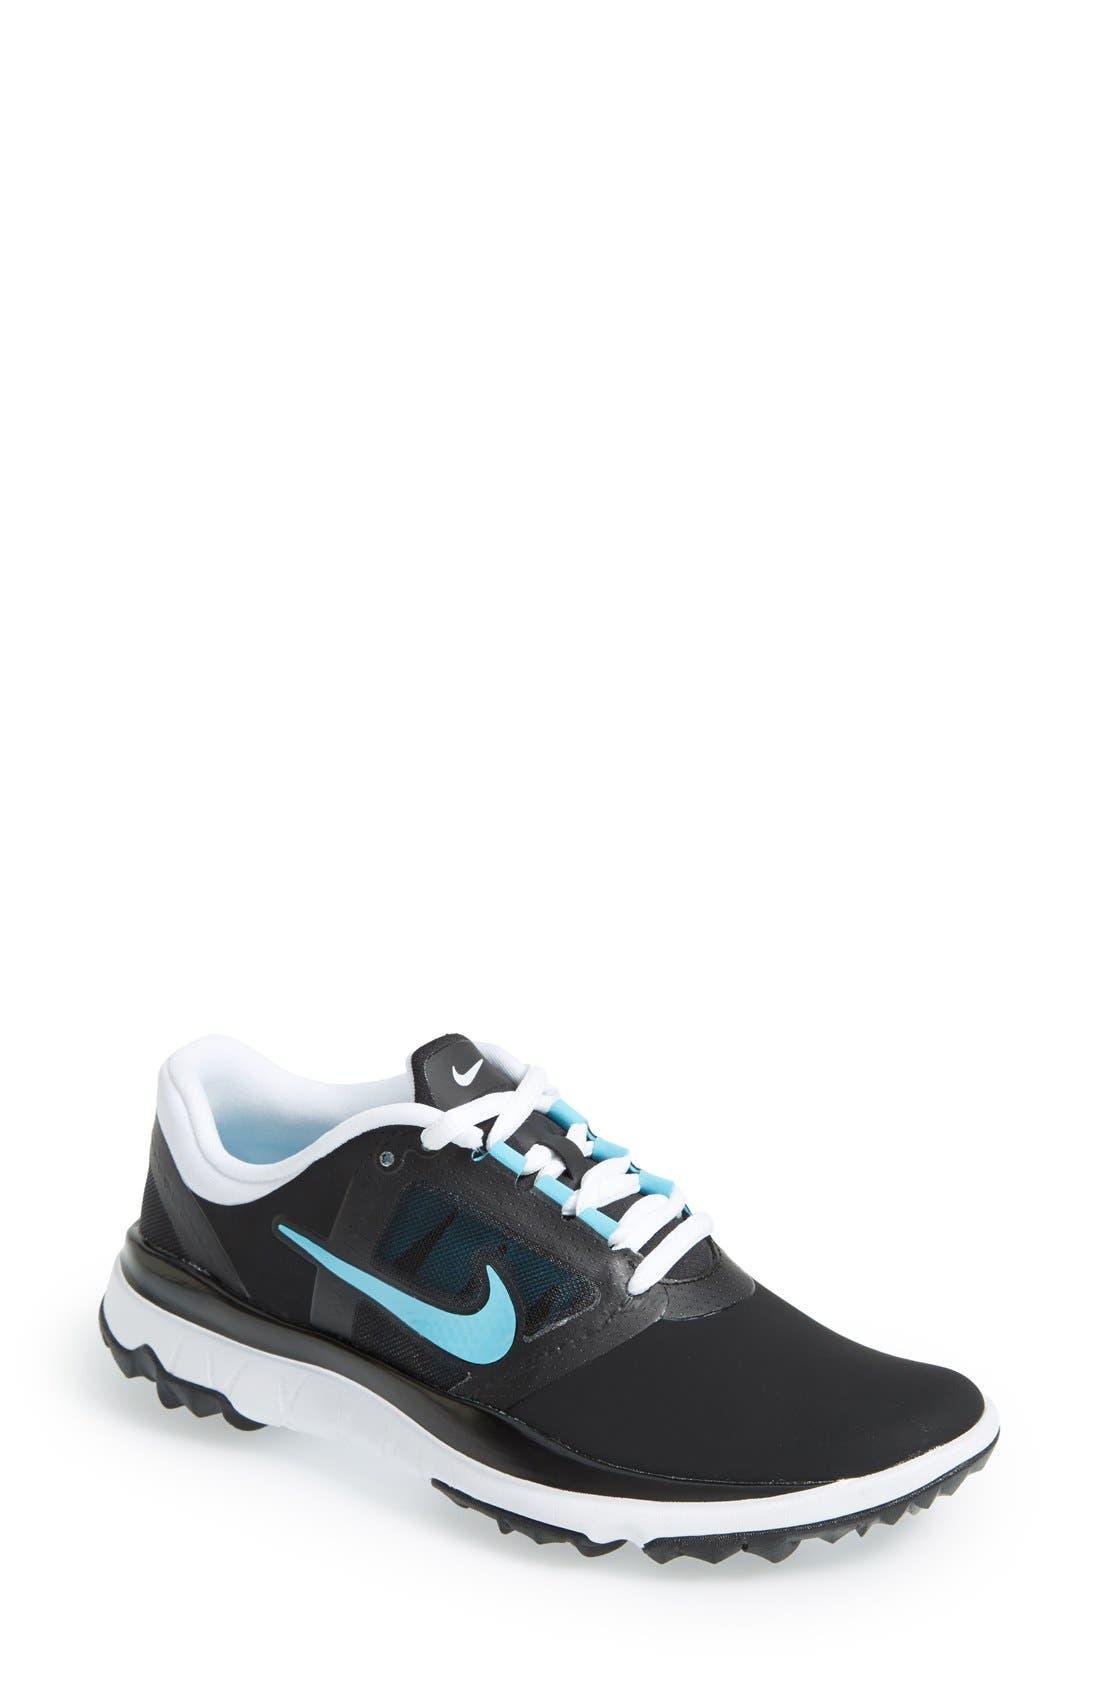 Main Image - Nike 'Fi Impact' Waterproof Golf Shoe (Women)